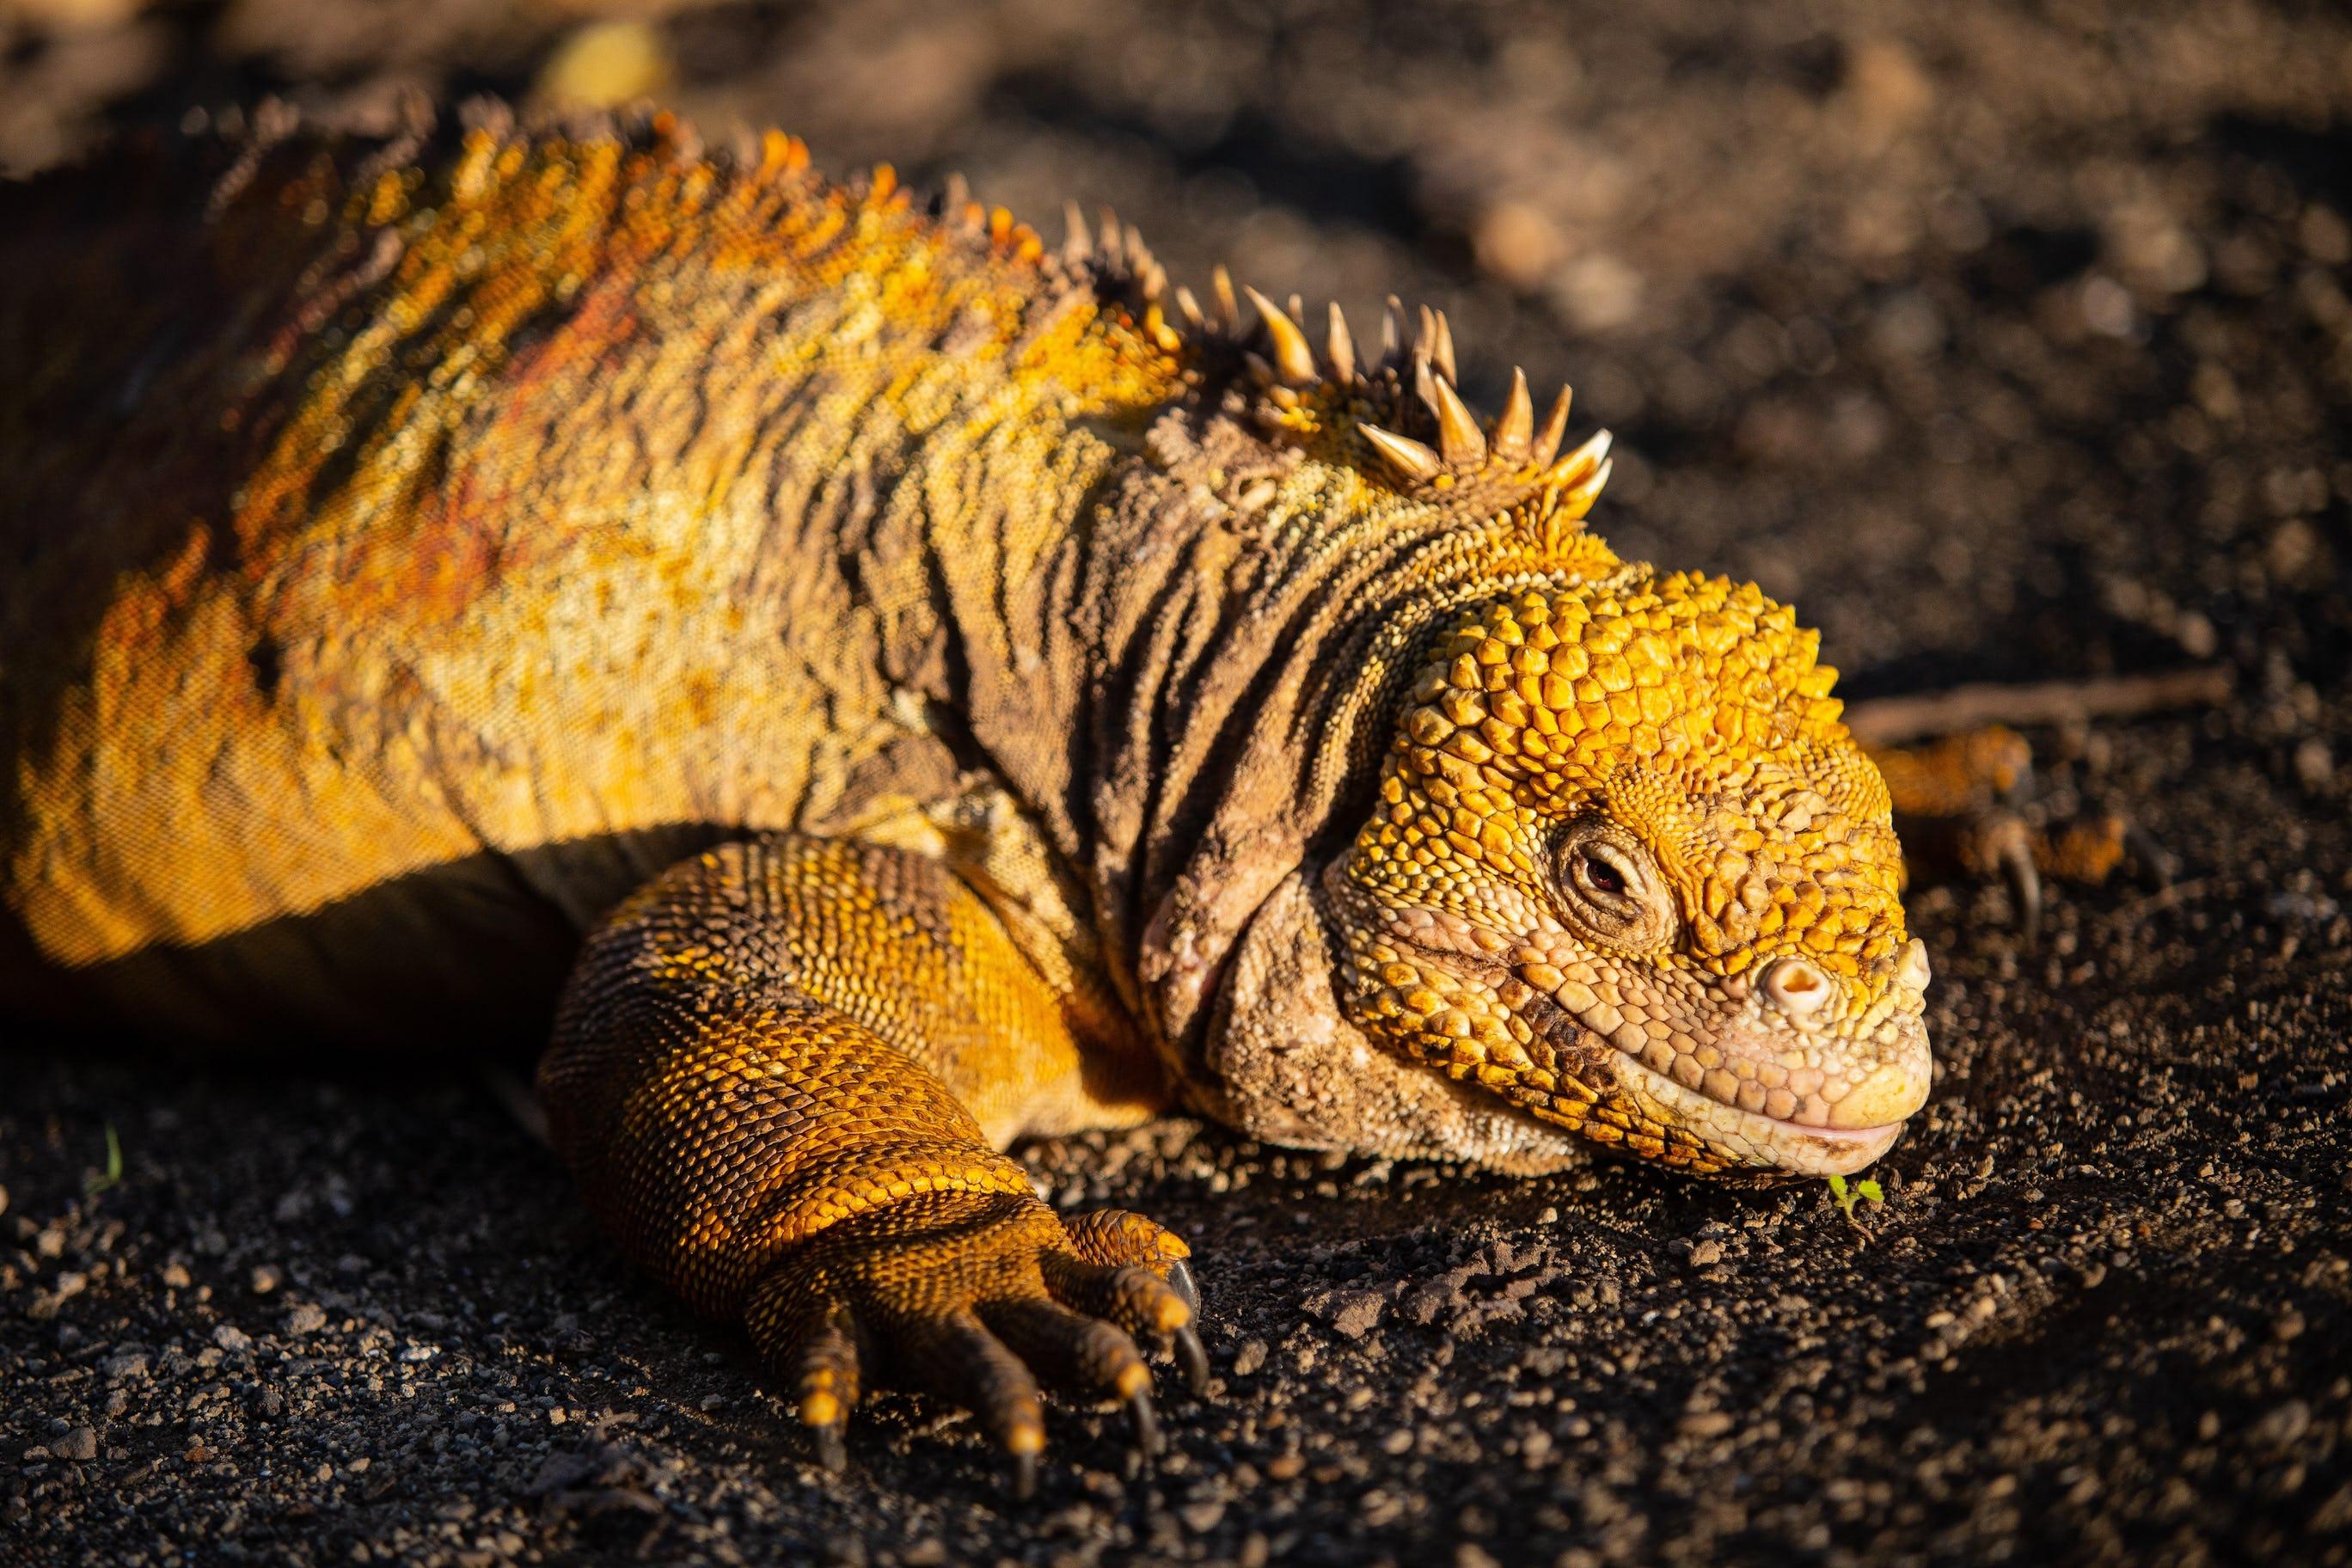 Photo of Iguana by Benjamin Kraus